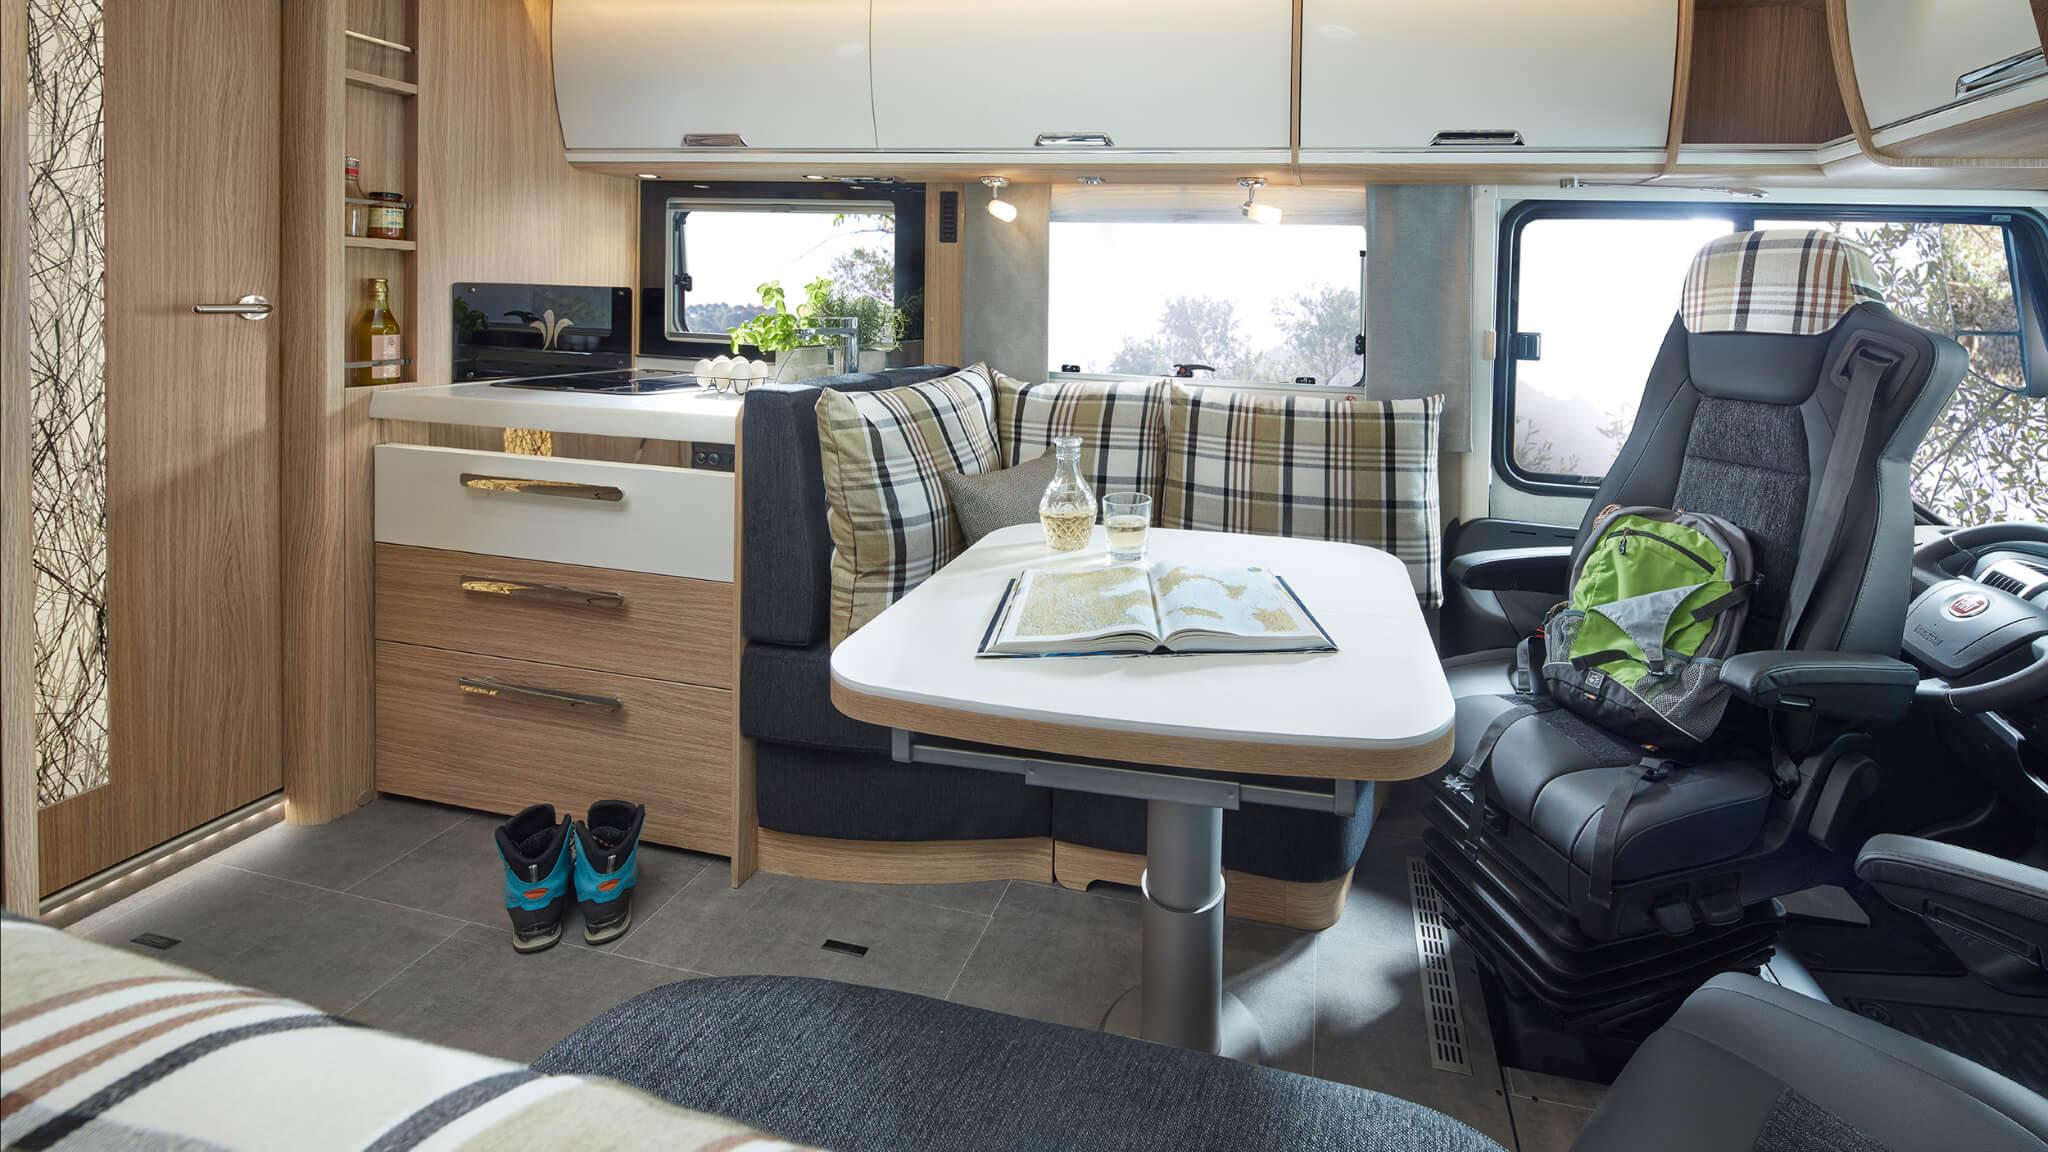 NIESMANN+BISCHOFF - Arto - Grundriss - Face-to-Face - Innenraum mit gerader Küche